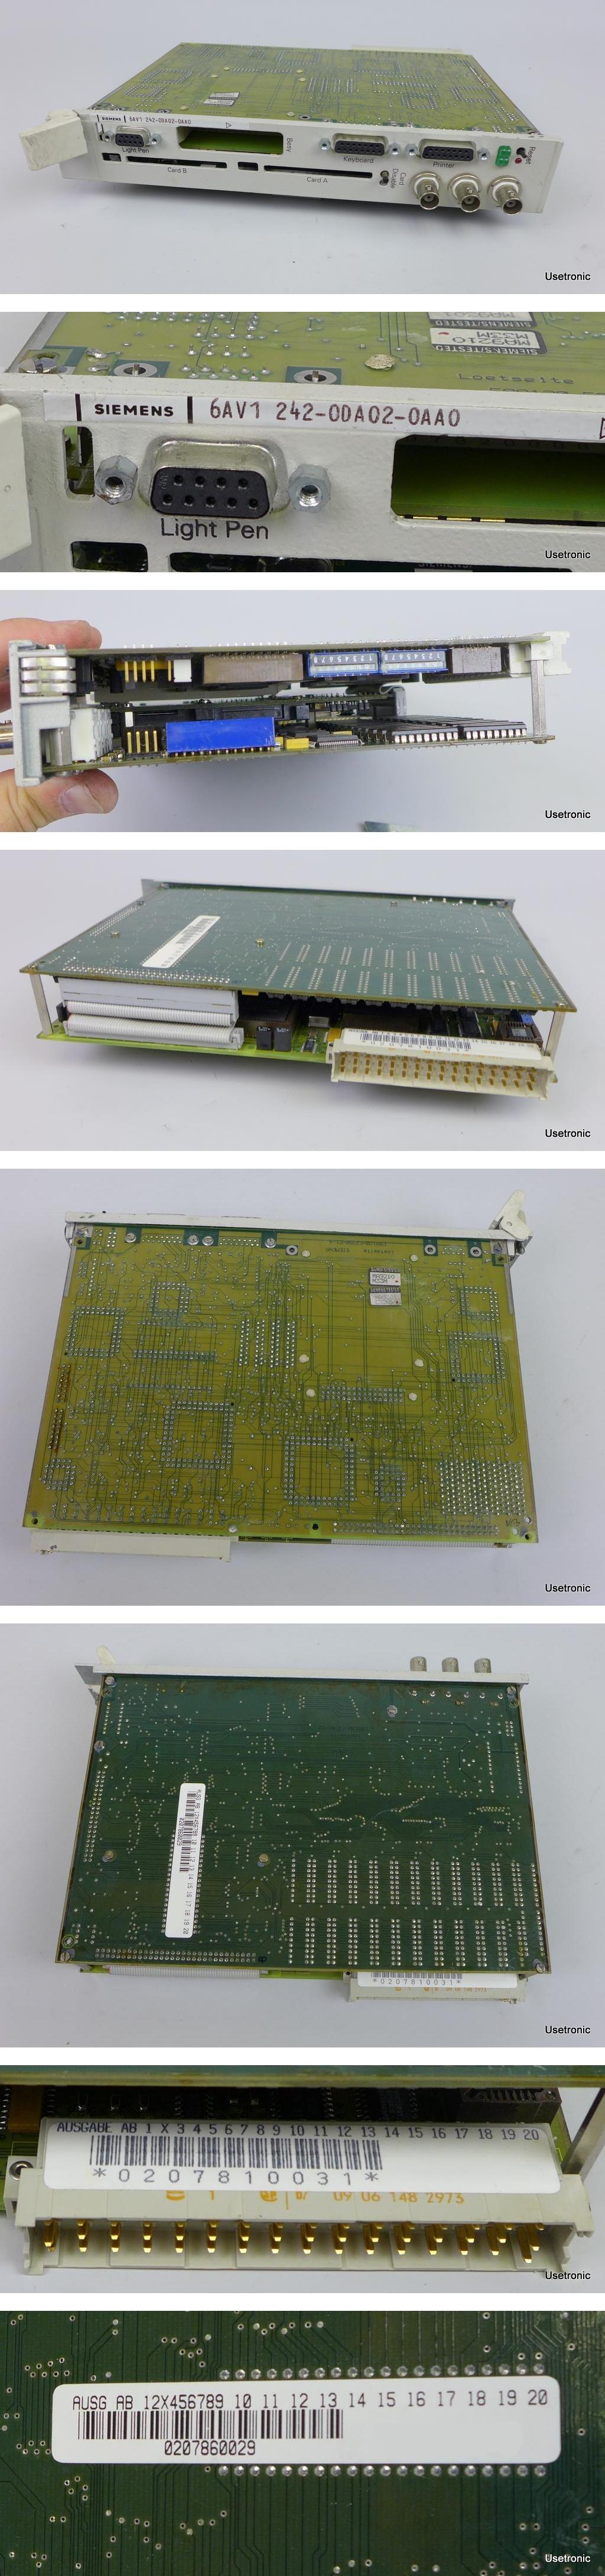 Siemens 6AV1242-0DA02-0AA0